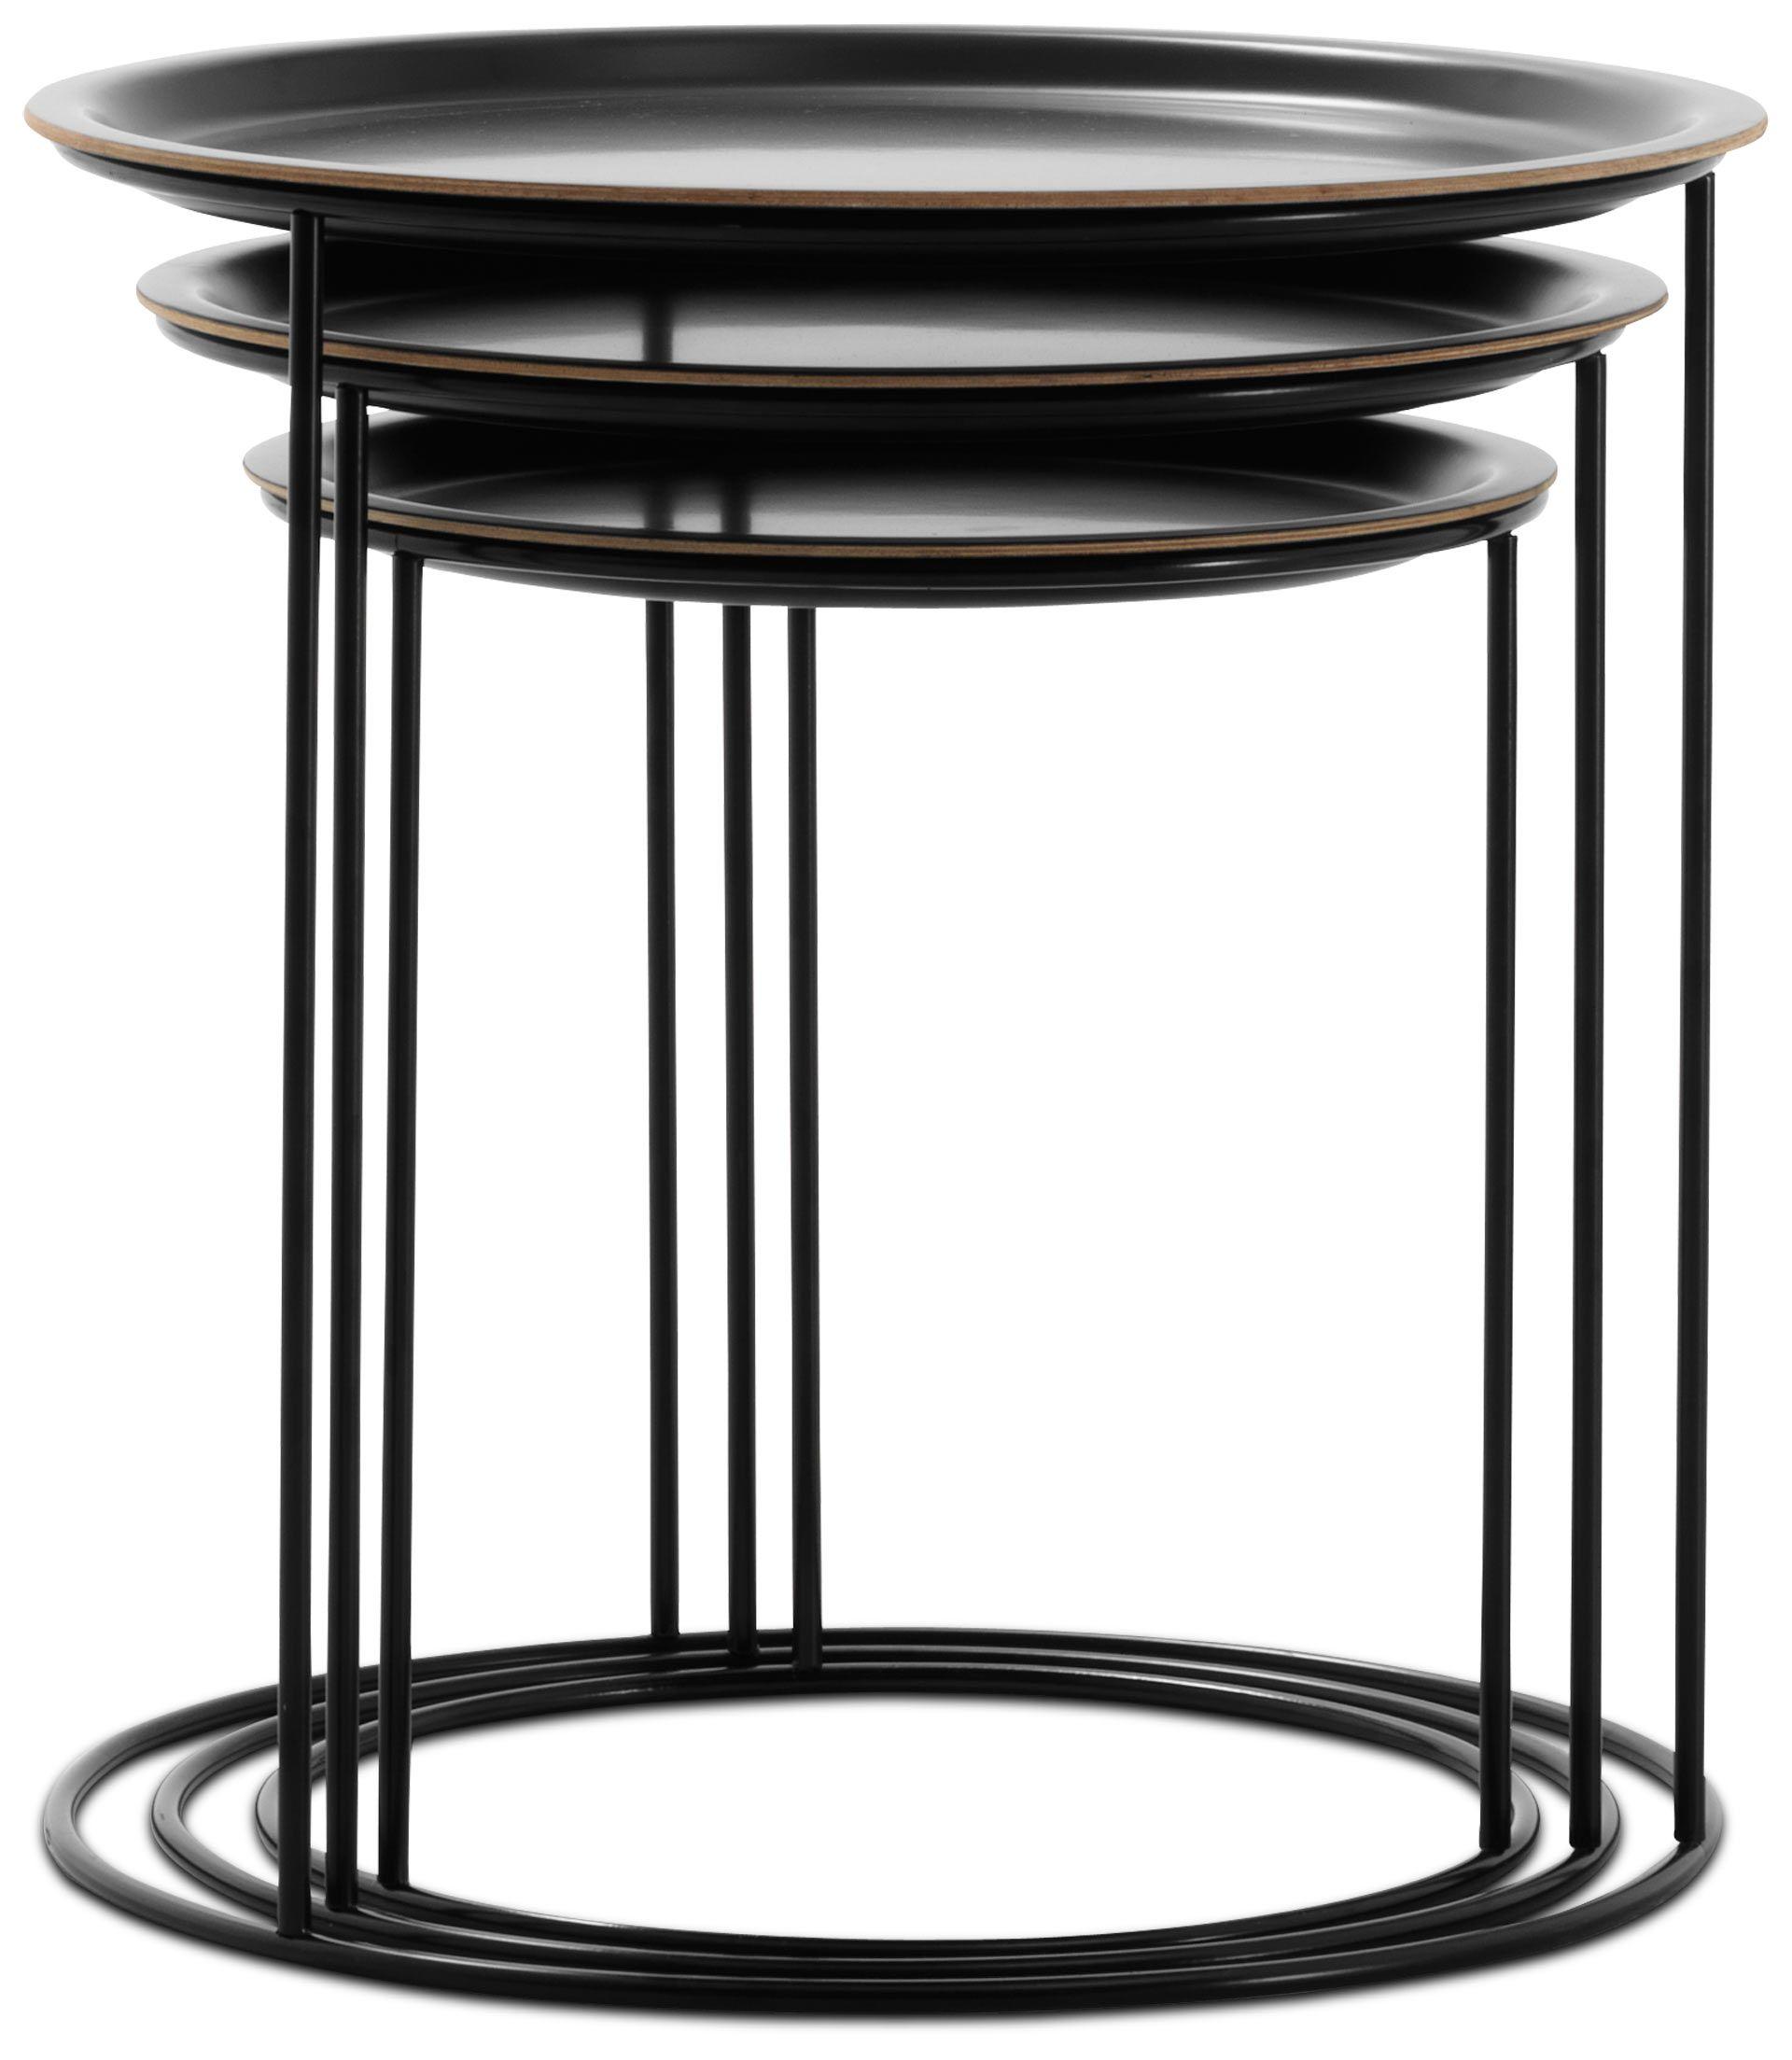 Beistelltische Aus Glas design beistelltische aus glas furnier qualität boconcept